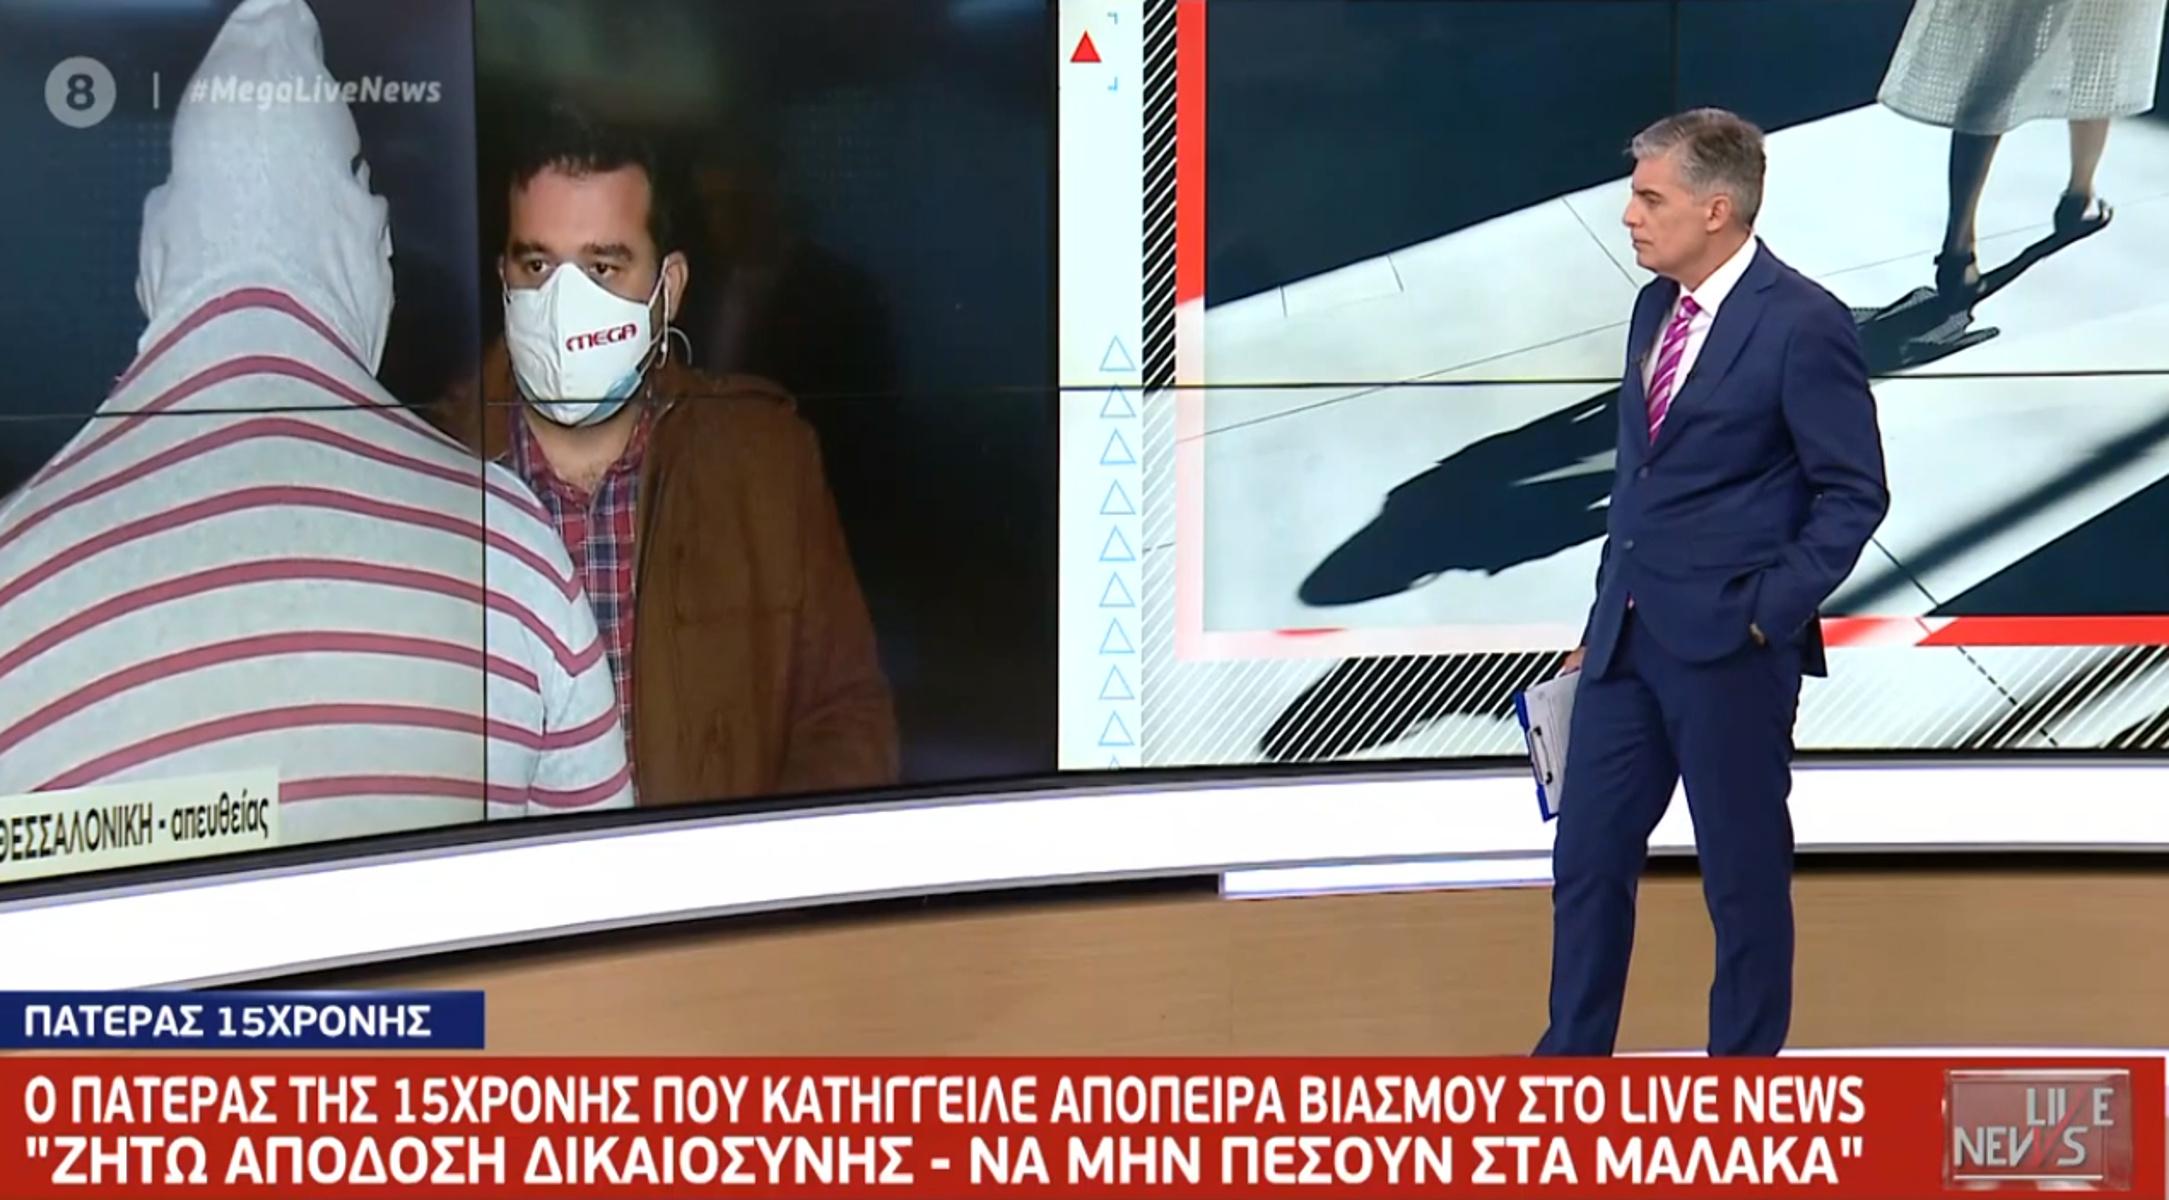 Θεσσαλονίκη: Ξεσπά ο πατέρας 15χρονης που κατήγγειλε απόπειρα βιασμού – «Να μην πέσουν τα μαλακά»